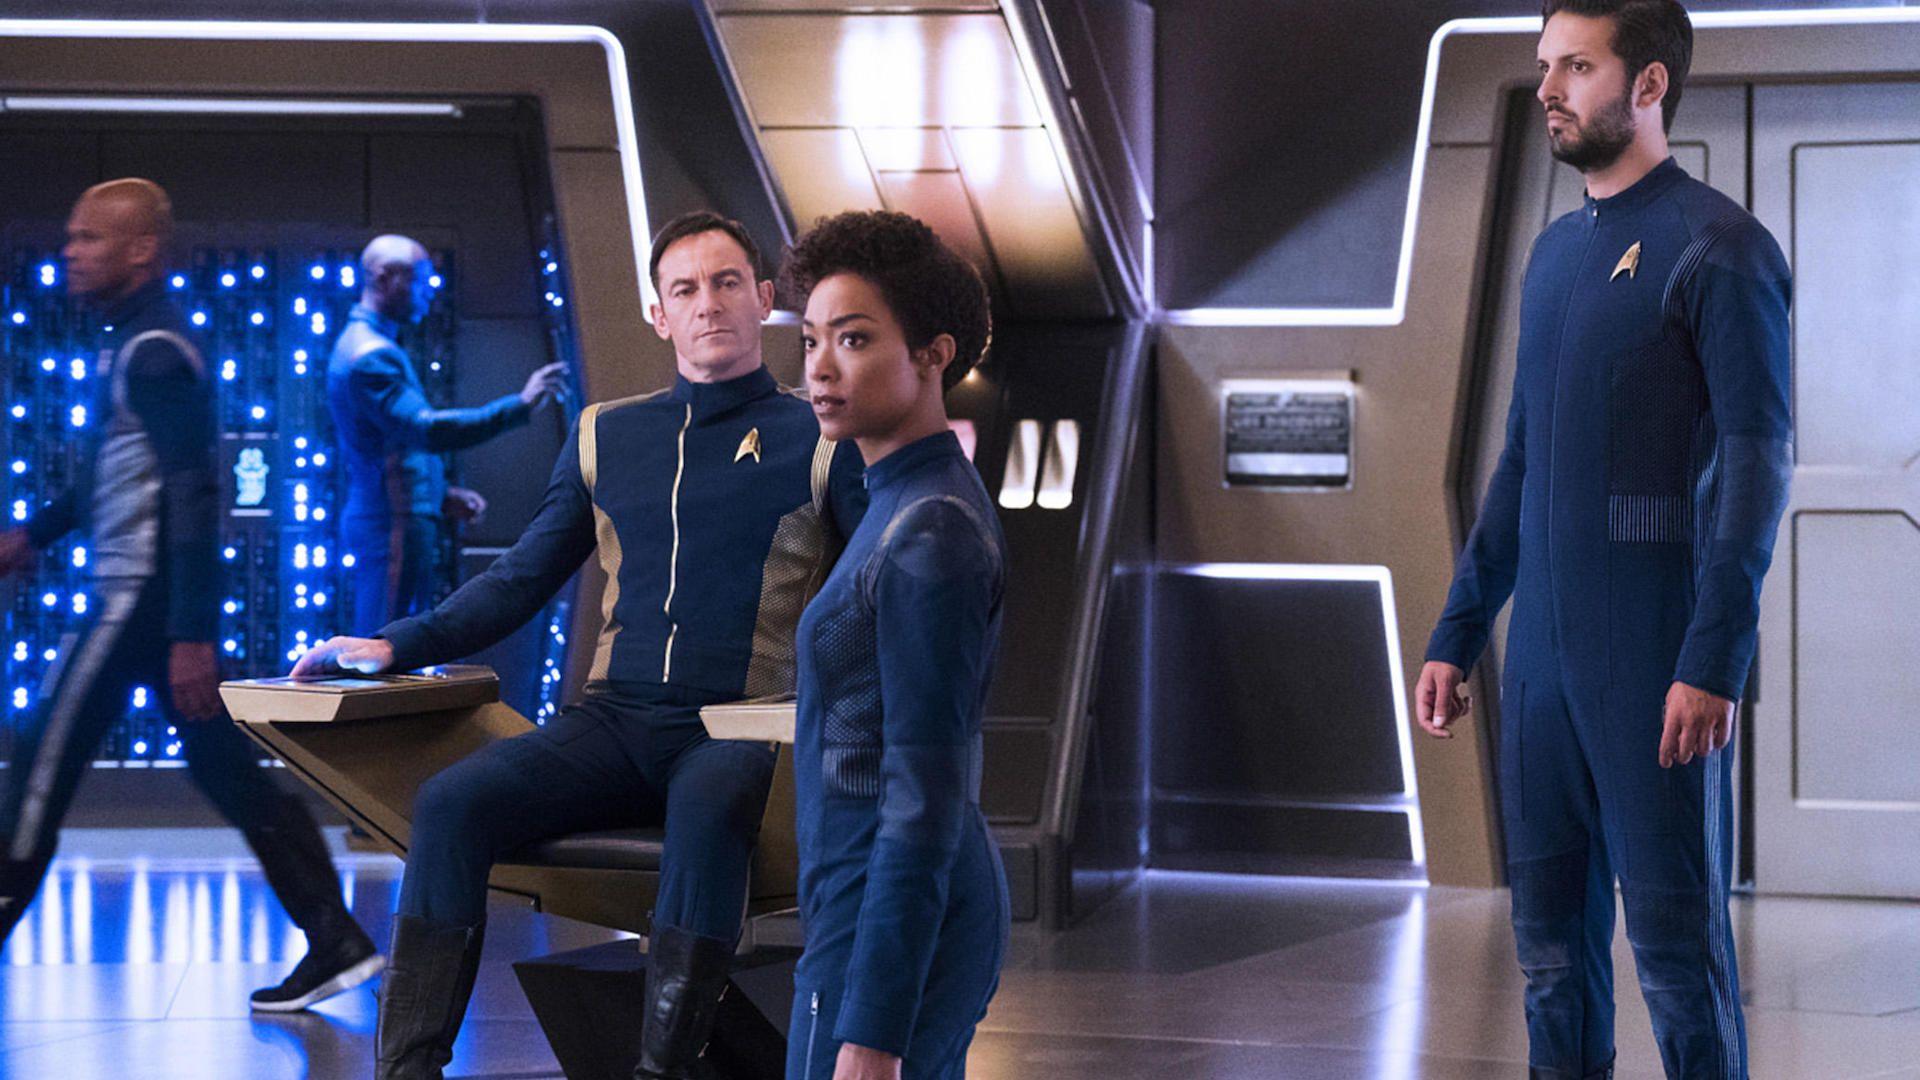 REVIEW Star Trek: Discovery pone a la franquicia en una nueva escala